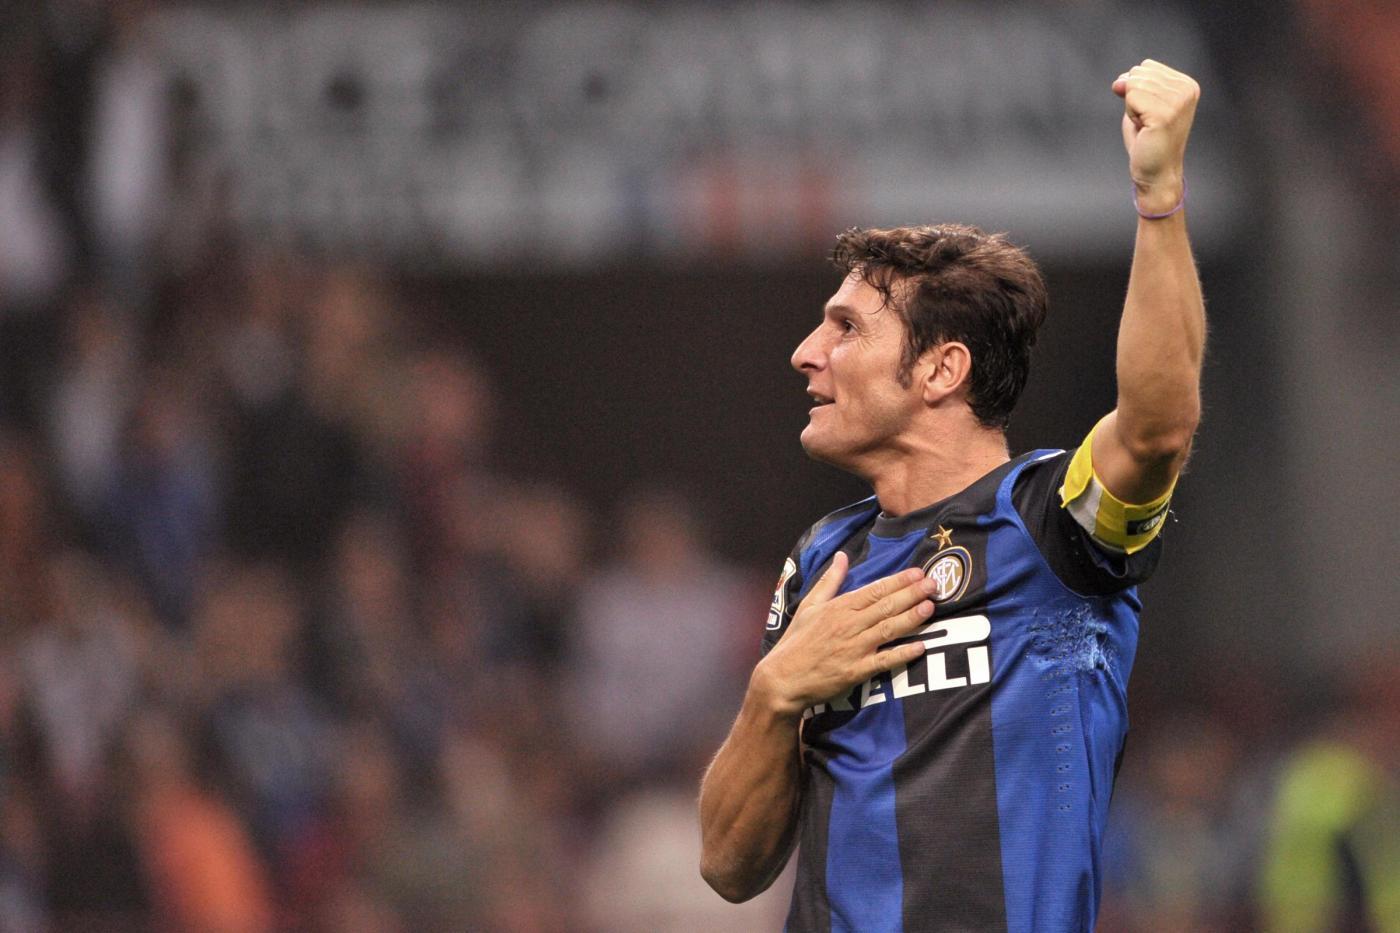 L'addio al calcio giocato di Javier Zanetti | Giornalettismo